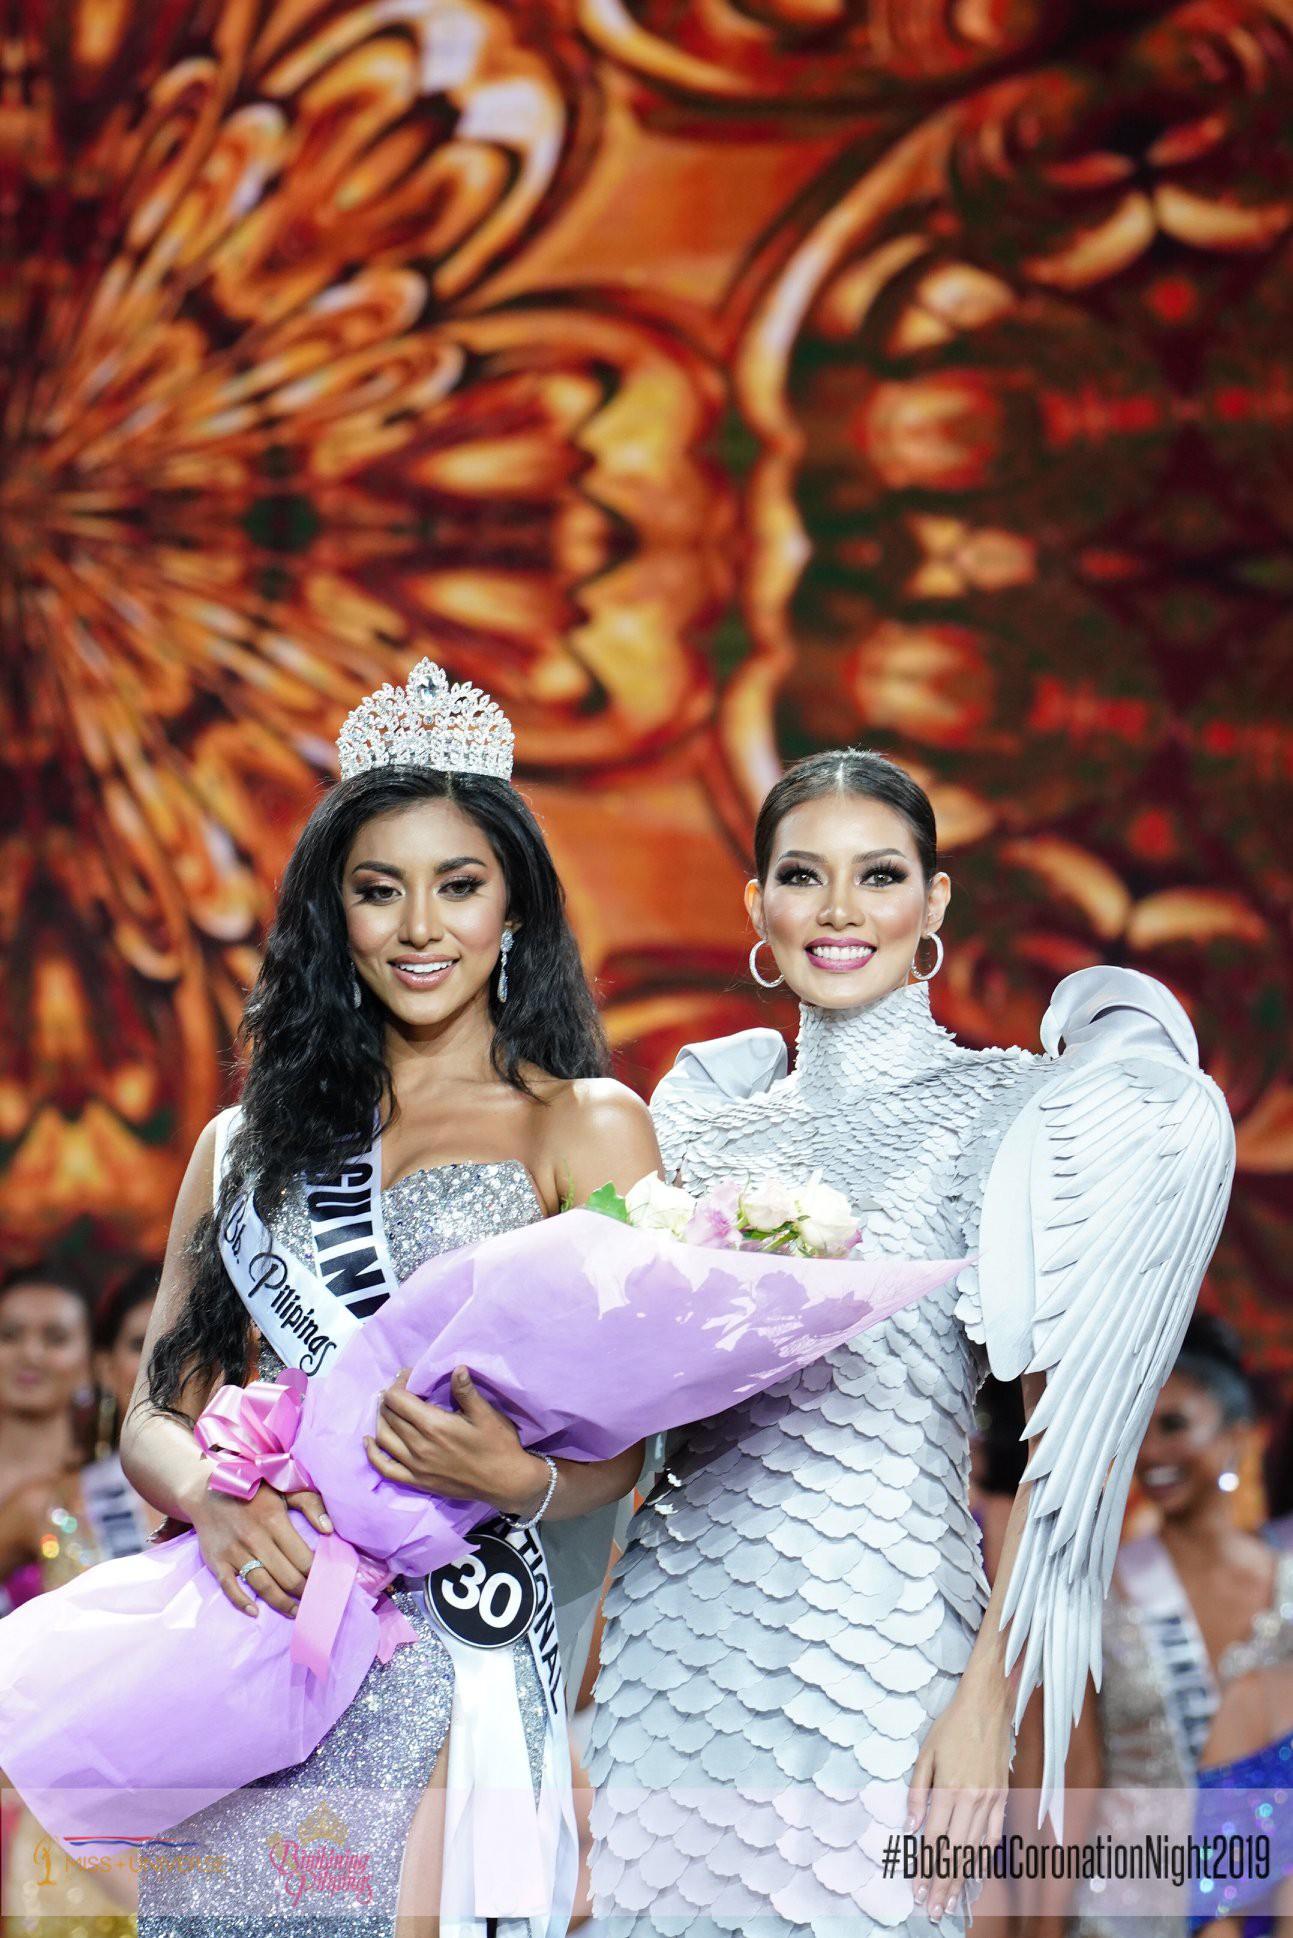 Hoa hậu Hoàn vũ Philippines 2019 lộ diện, được dự đoán tiếp tục gây sốt tại Miss Universe  - Ảnh 4.